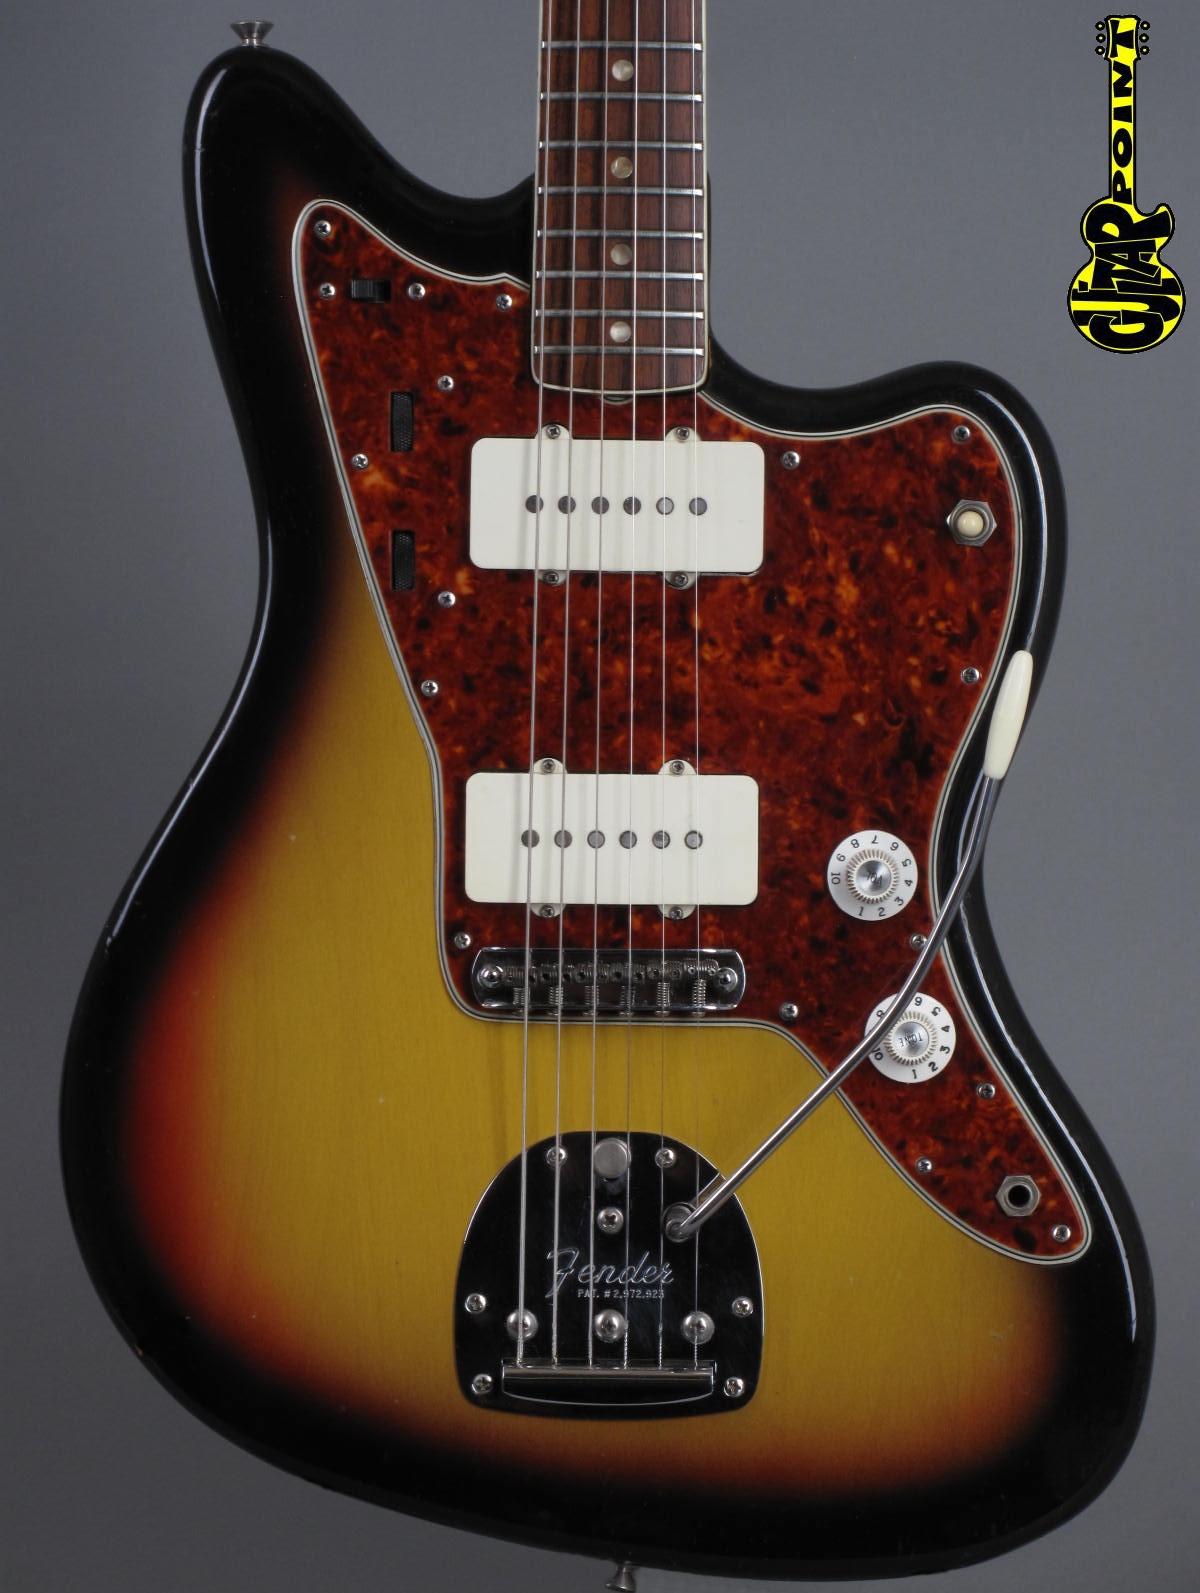 1966 Fender Jazzmaster - 3-tone Sunburst  exc.+ !